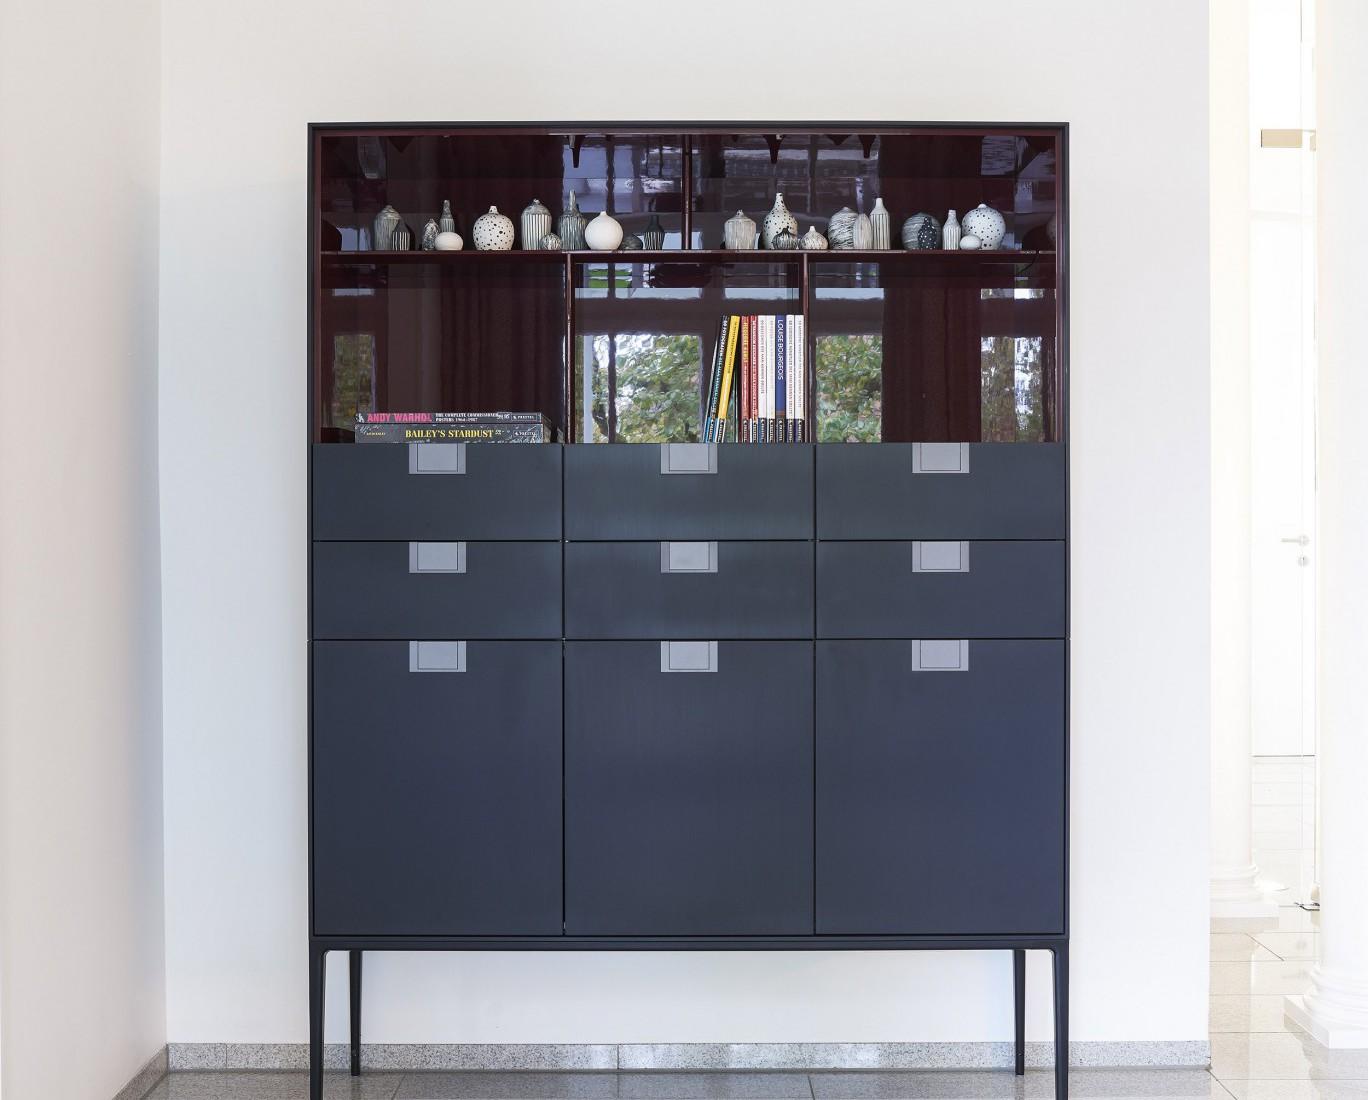 Hier sehen Sie ein Bild von Schrank - RAUM contemporary interior